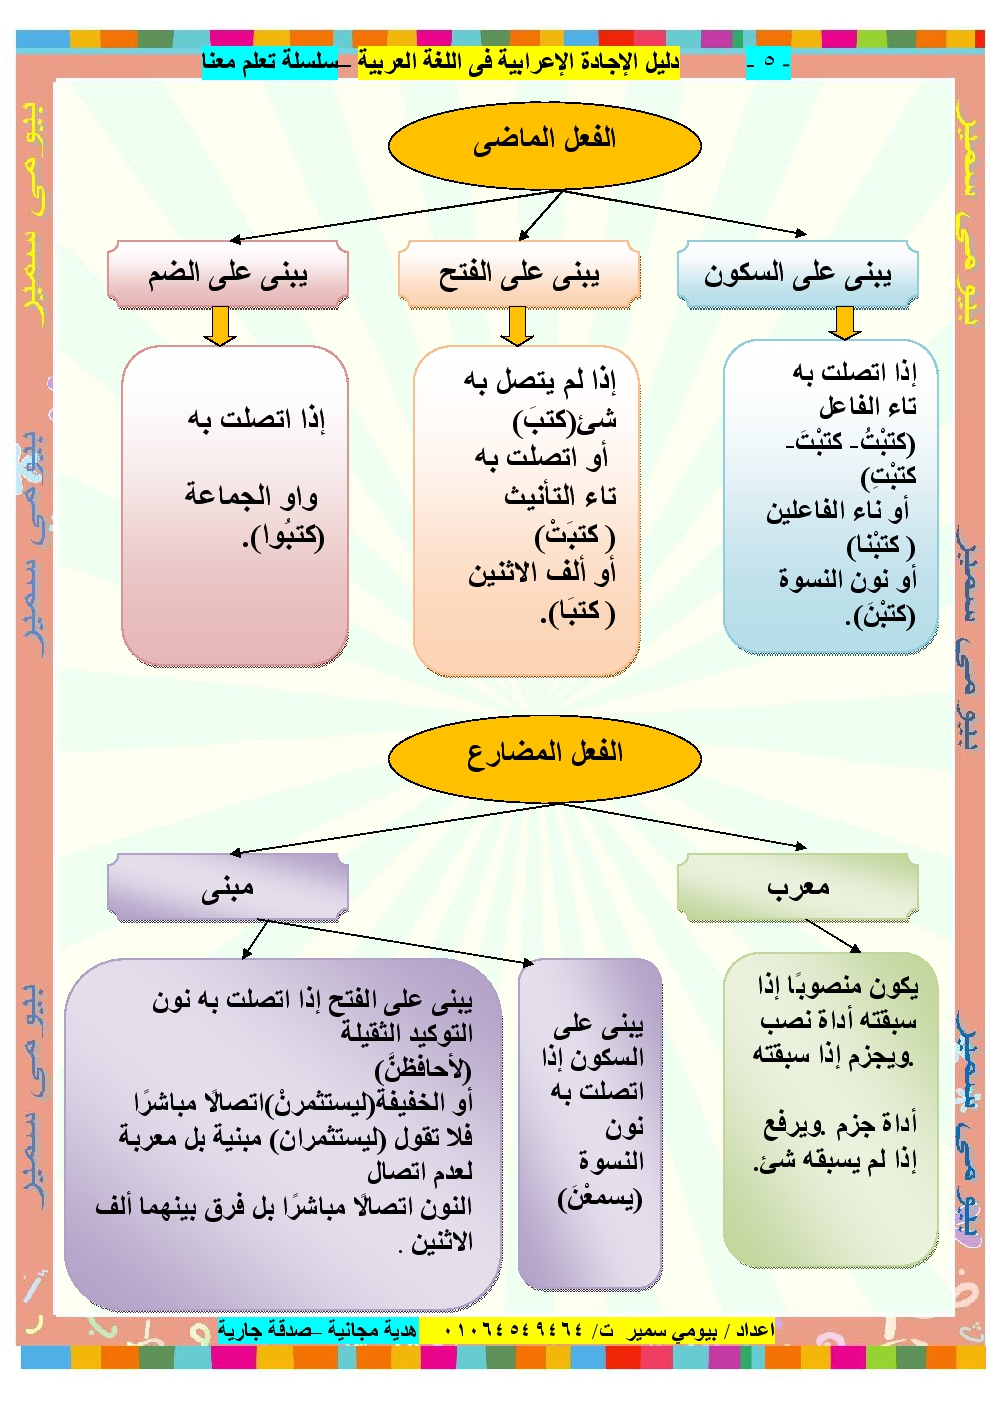 كتاب قواعد اللغة العربية للمبتدئين pdf